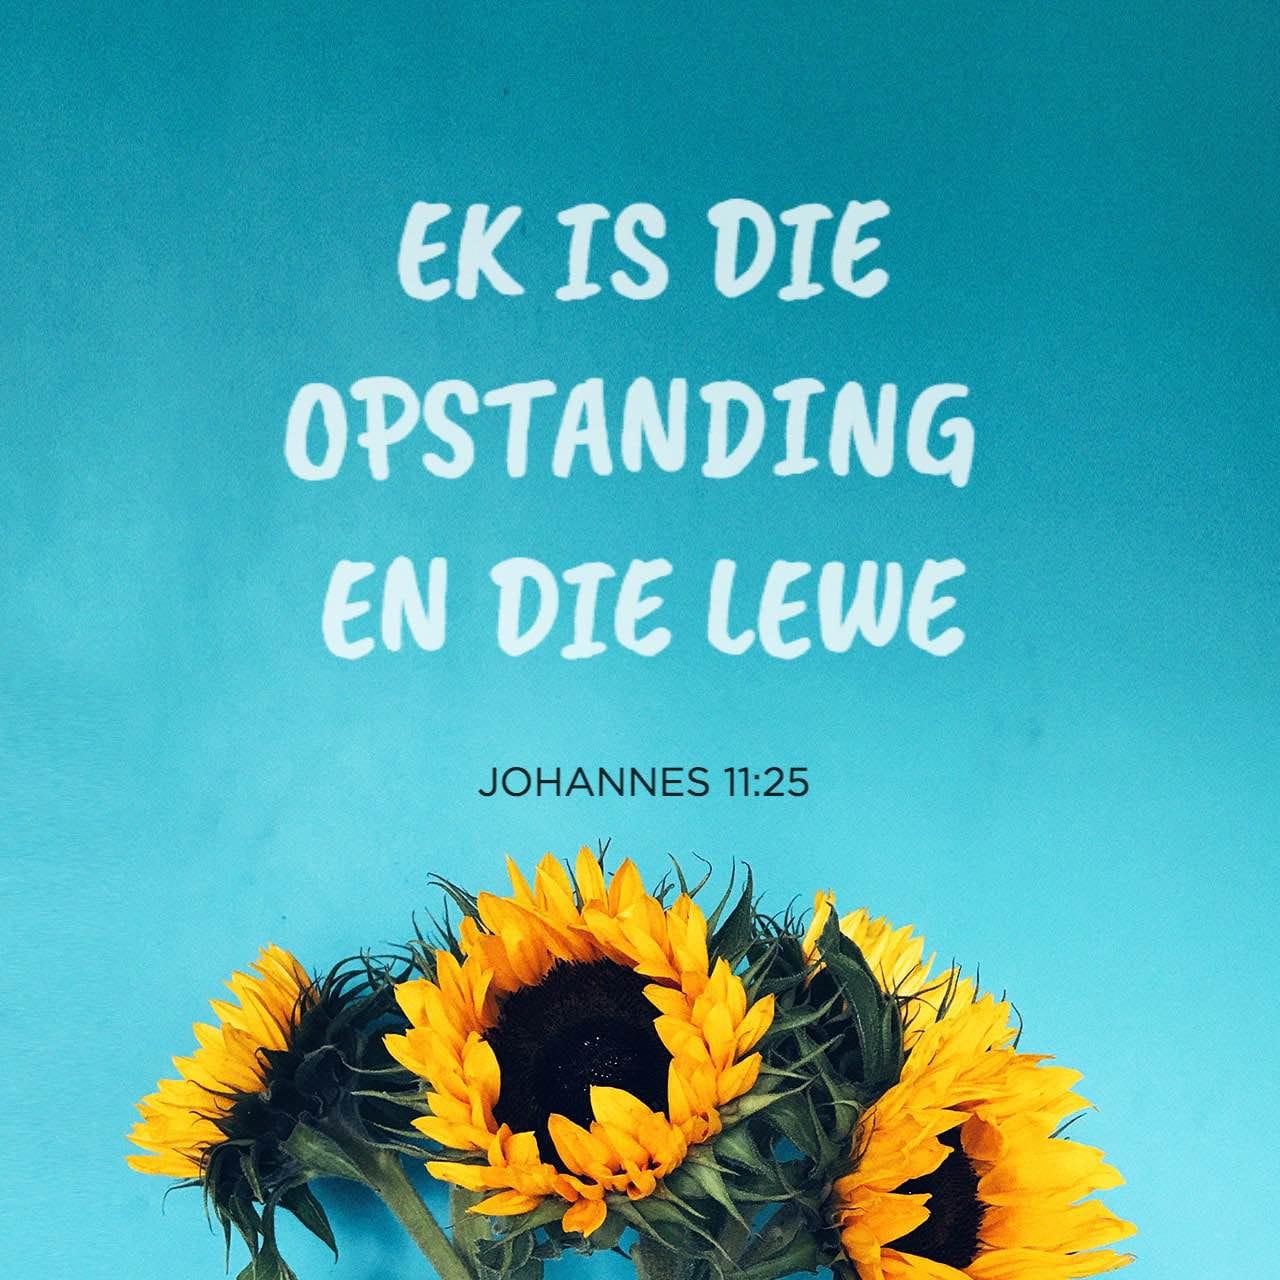 Versbeeld vir Johannes 11:25